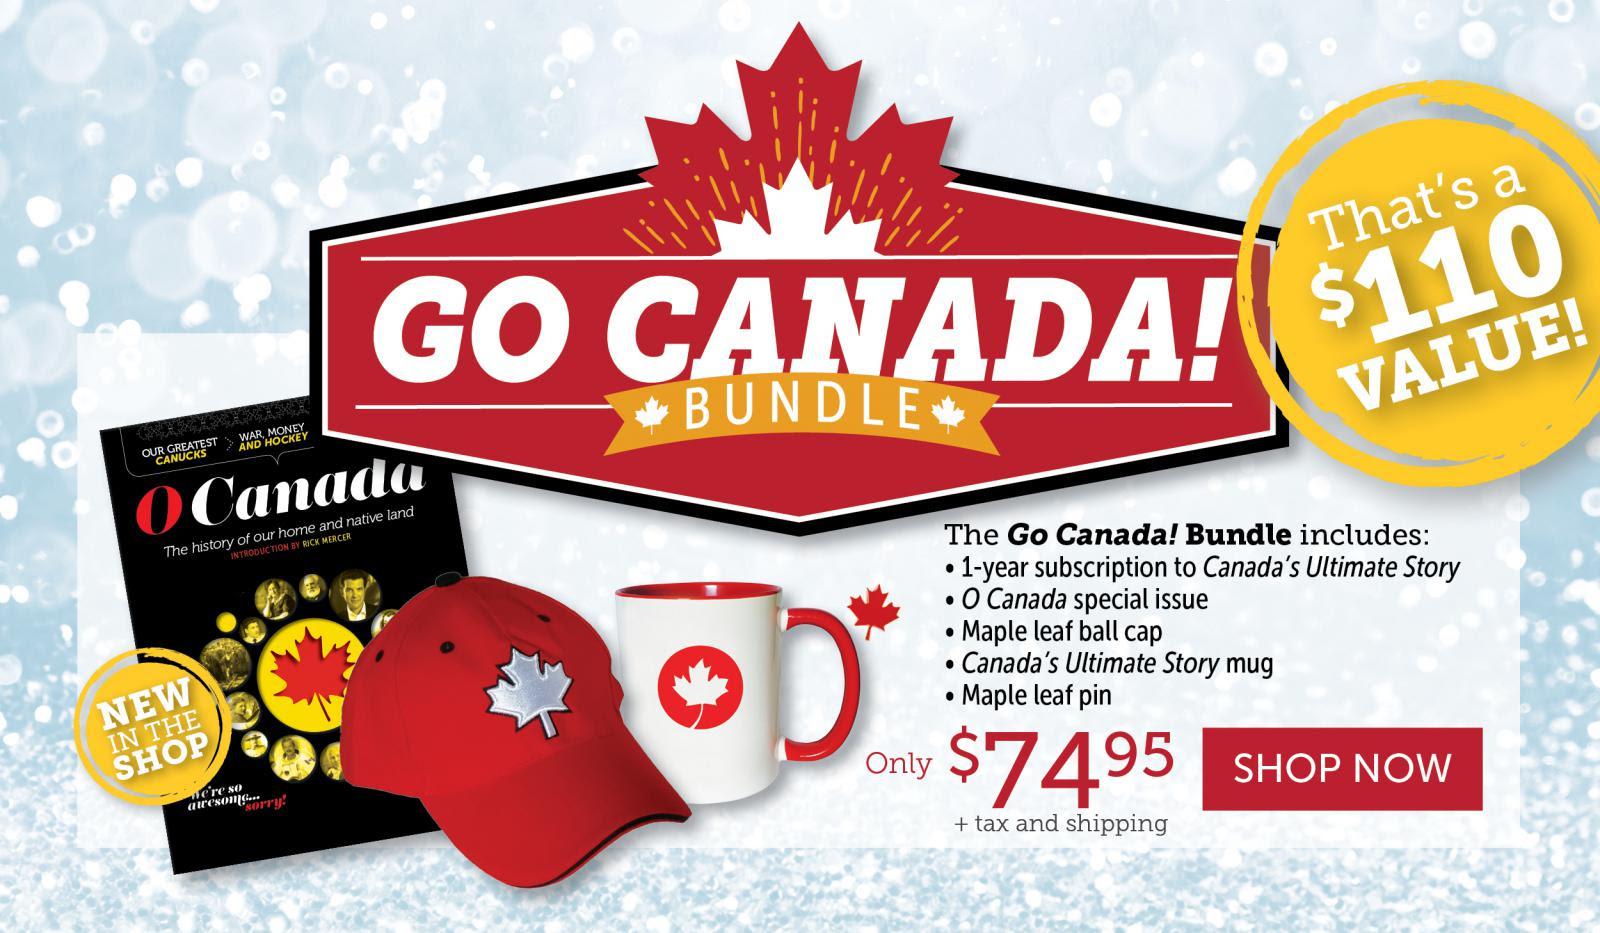 Go Canada Go Bundle!